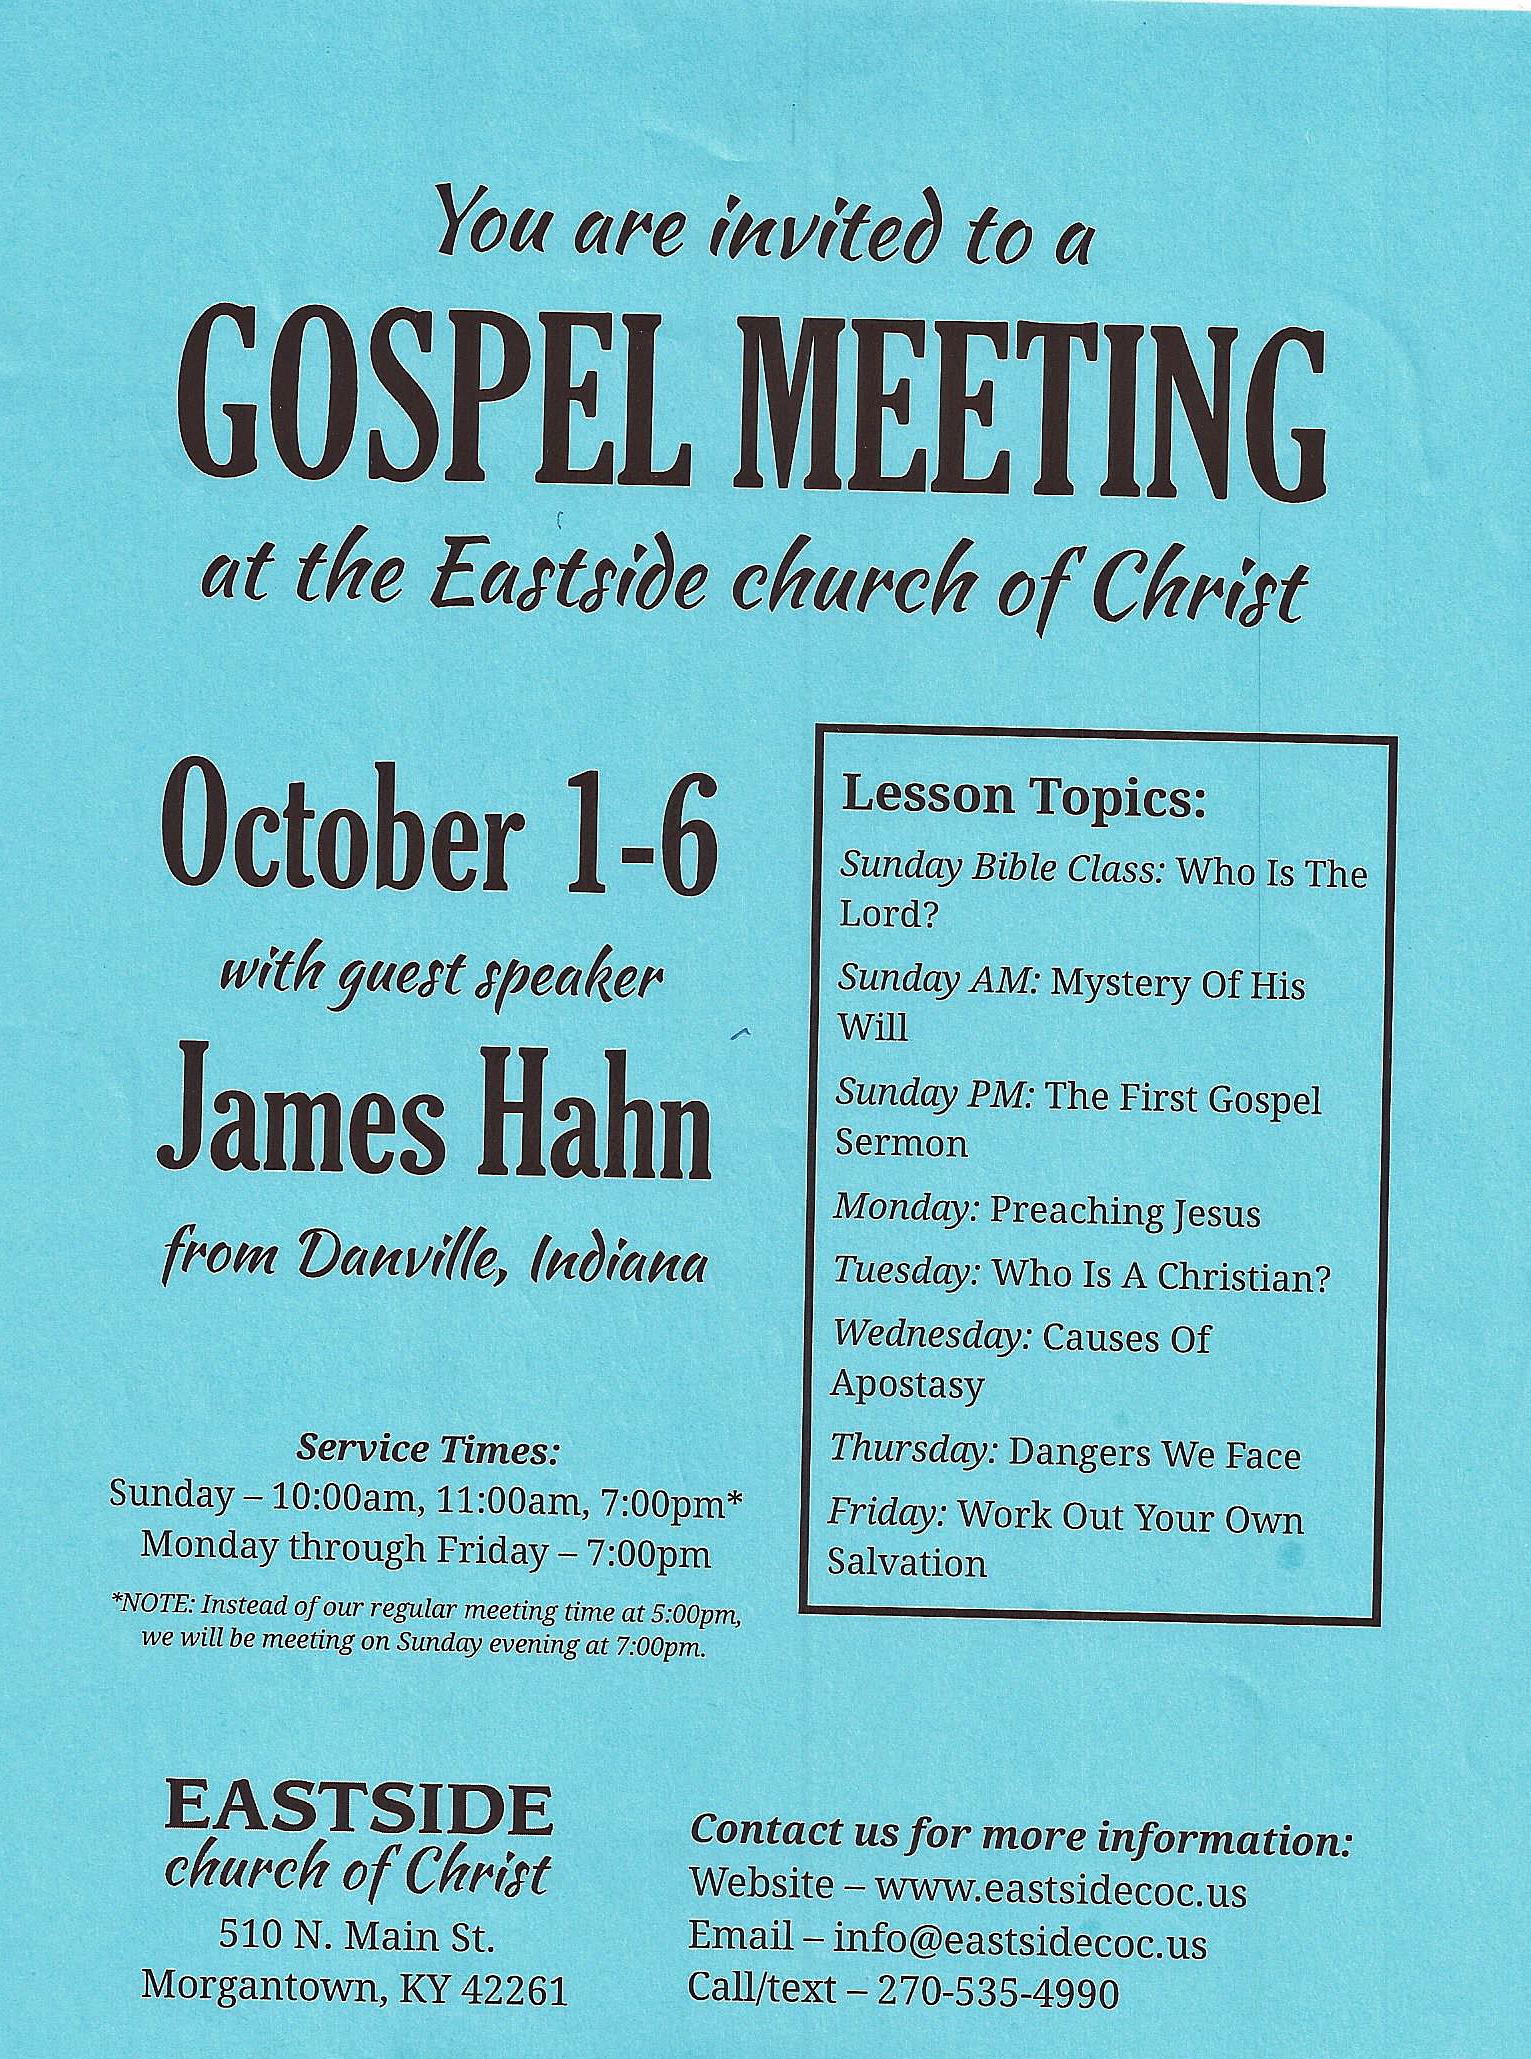 Eastside church of Christ Gospel Mtg | Beech Tree News Network